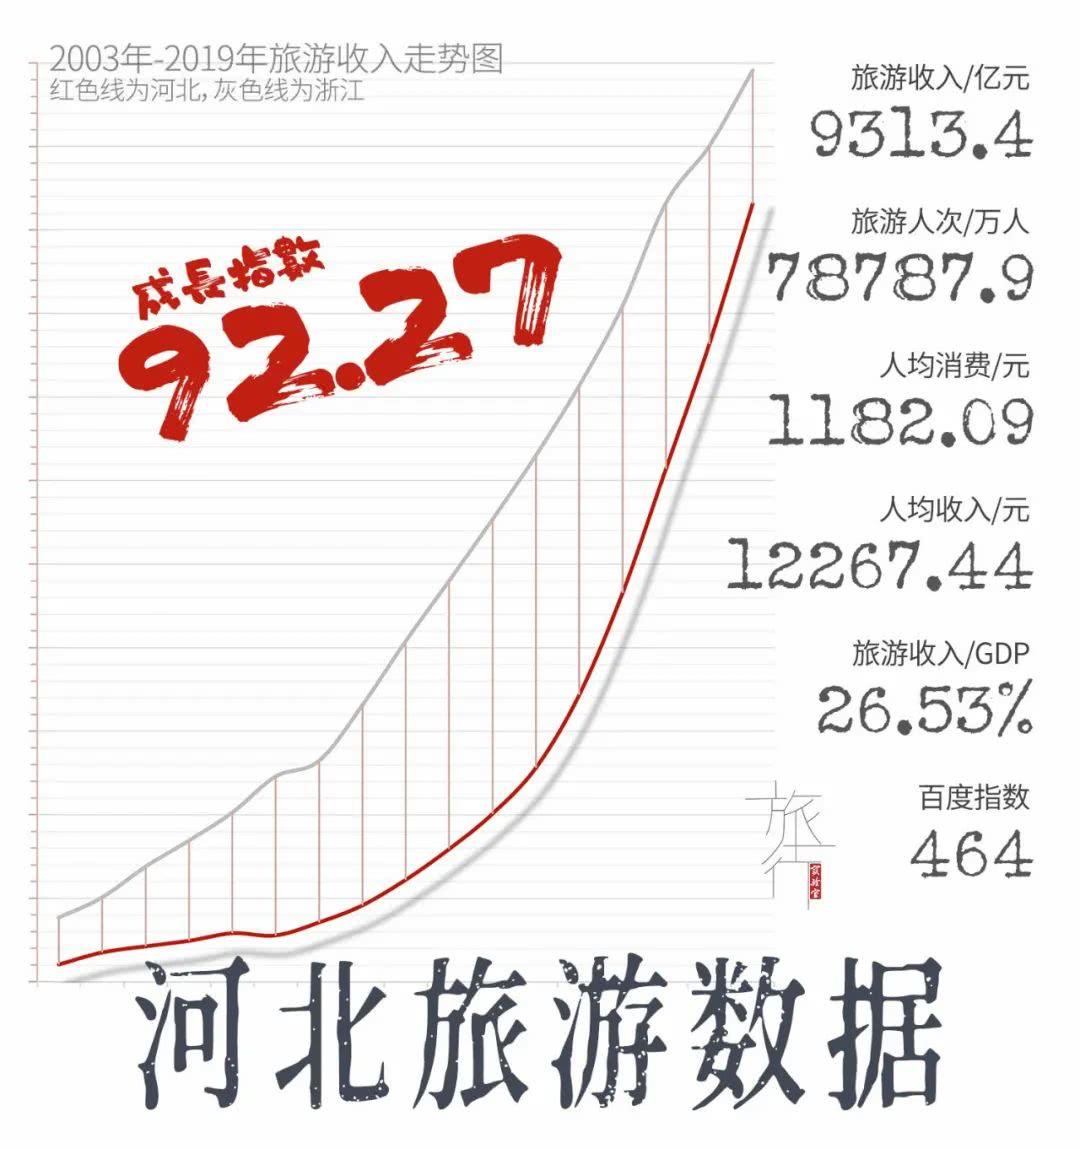 <b>河北旅游高成长下缺憾明显,北京旅游数据揭示高端旅游市场将腹背受敌</b>